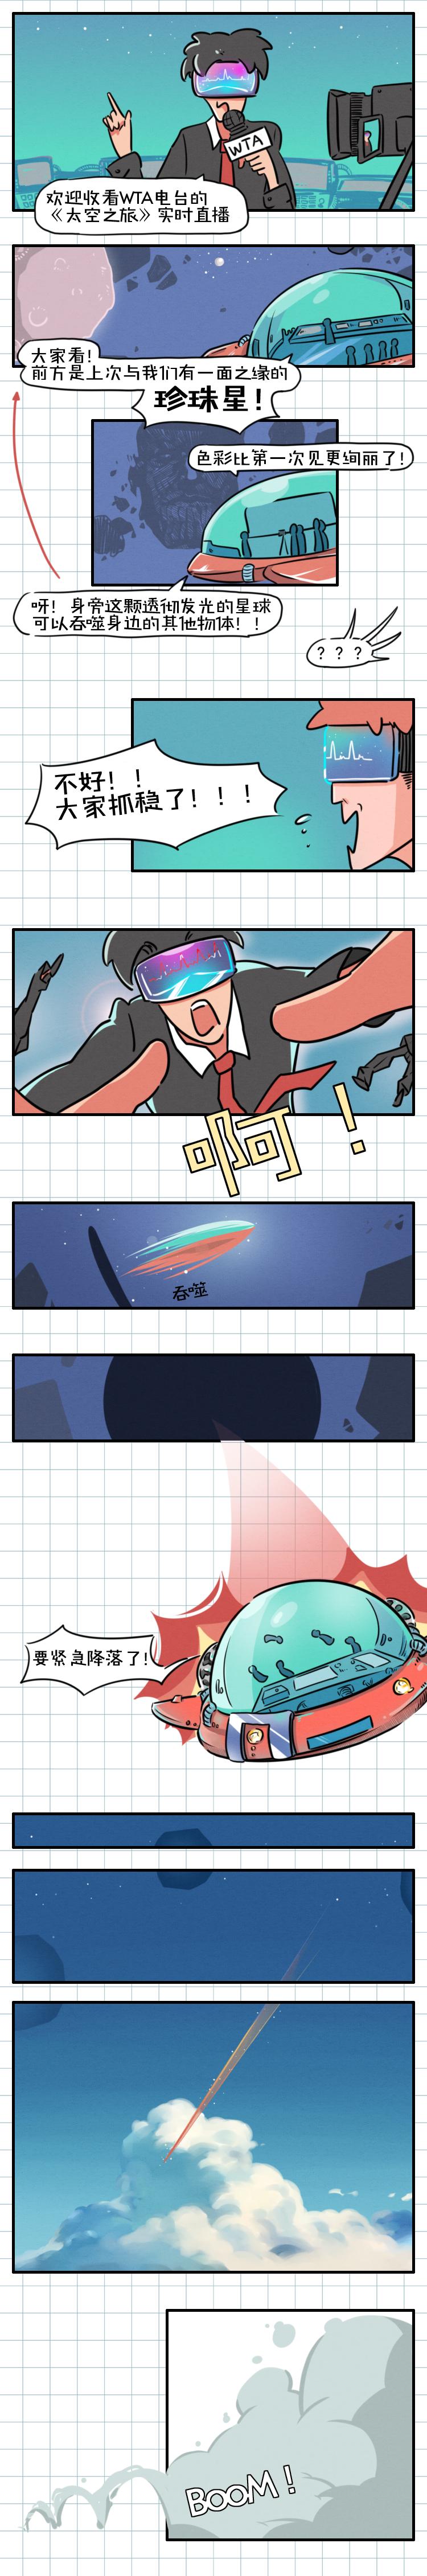 众筹漫画1.jpg